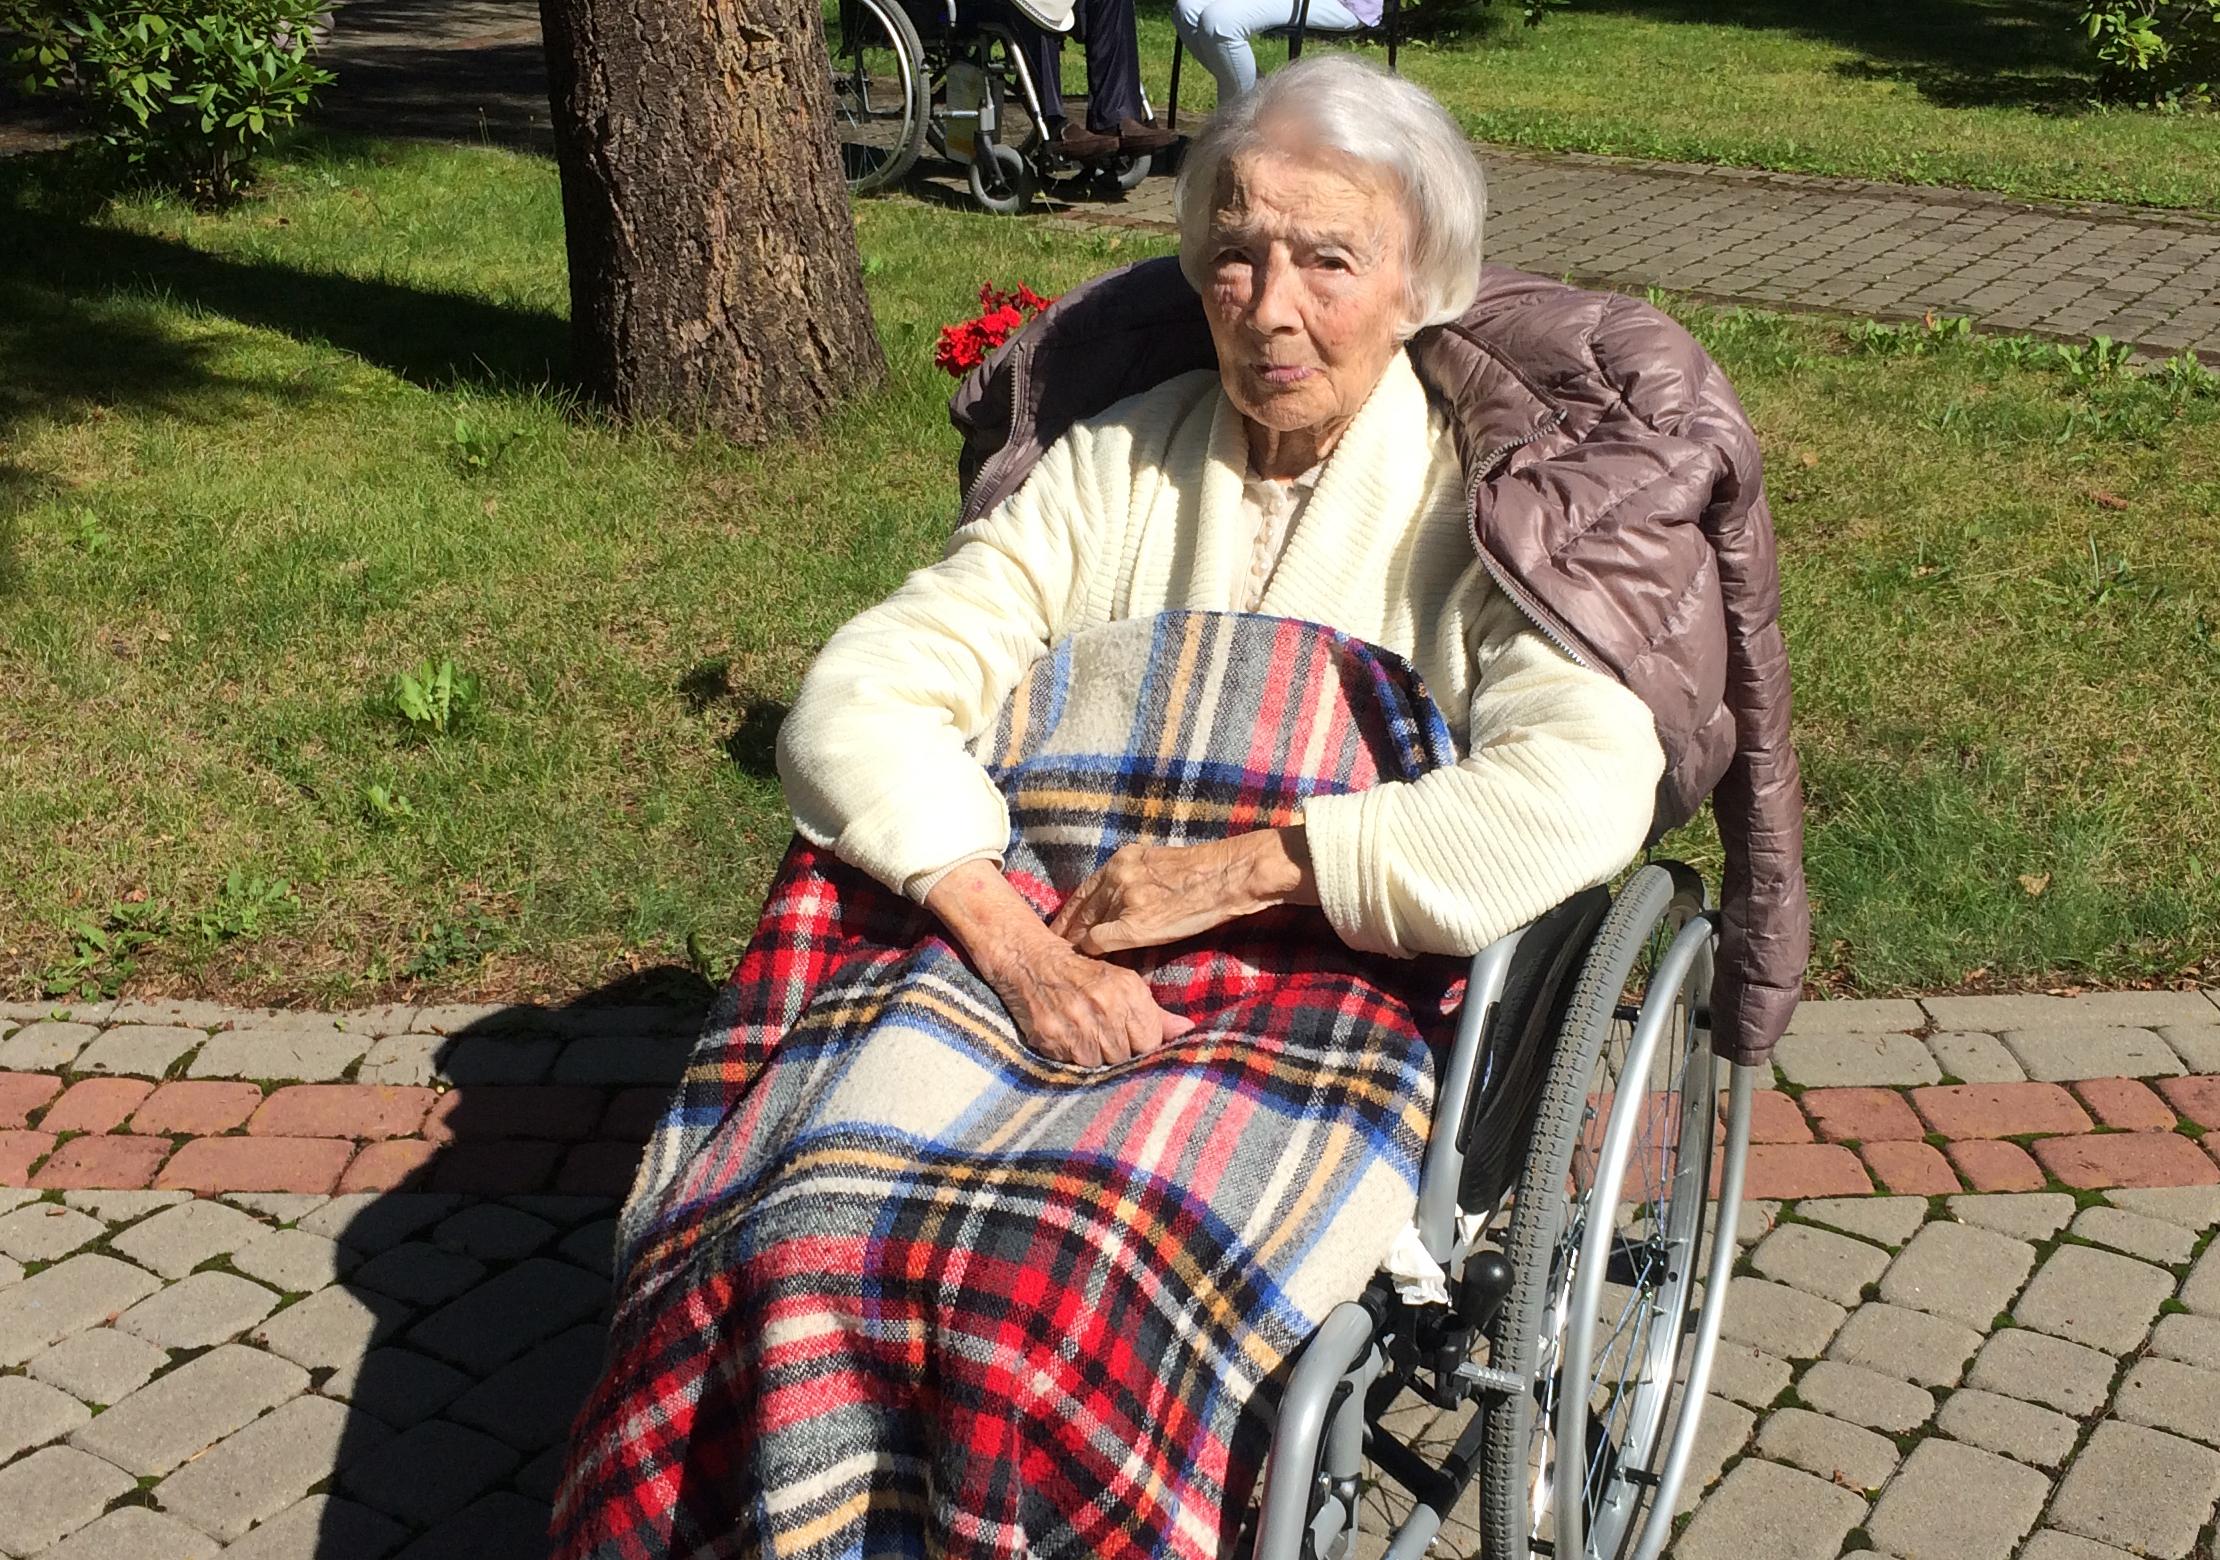 Bielszczanka, pani Danuta, dołączyła do grona stulatków